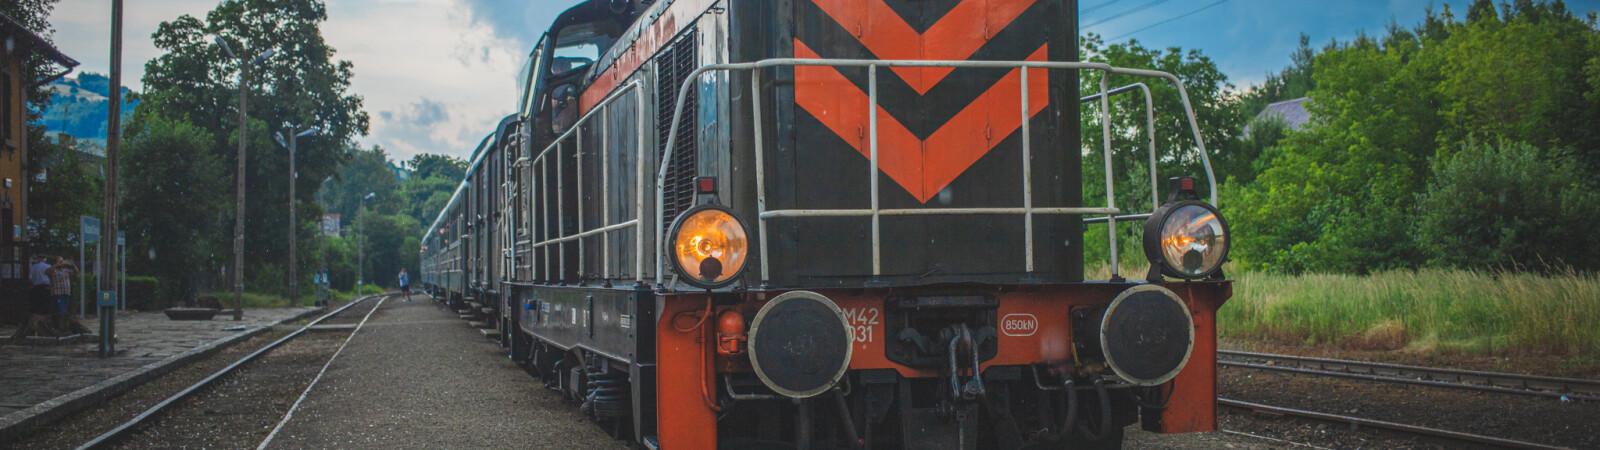 smk-24